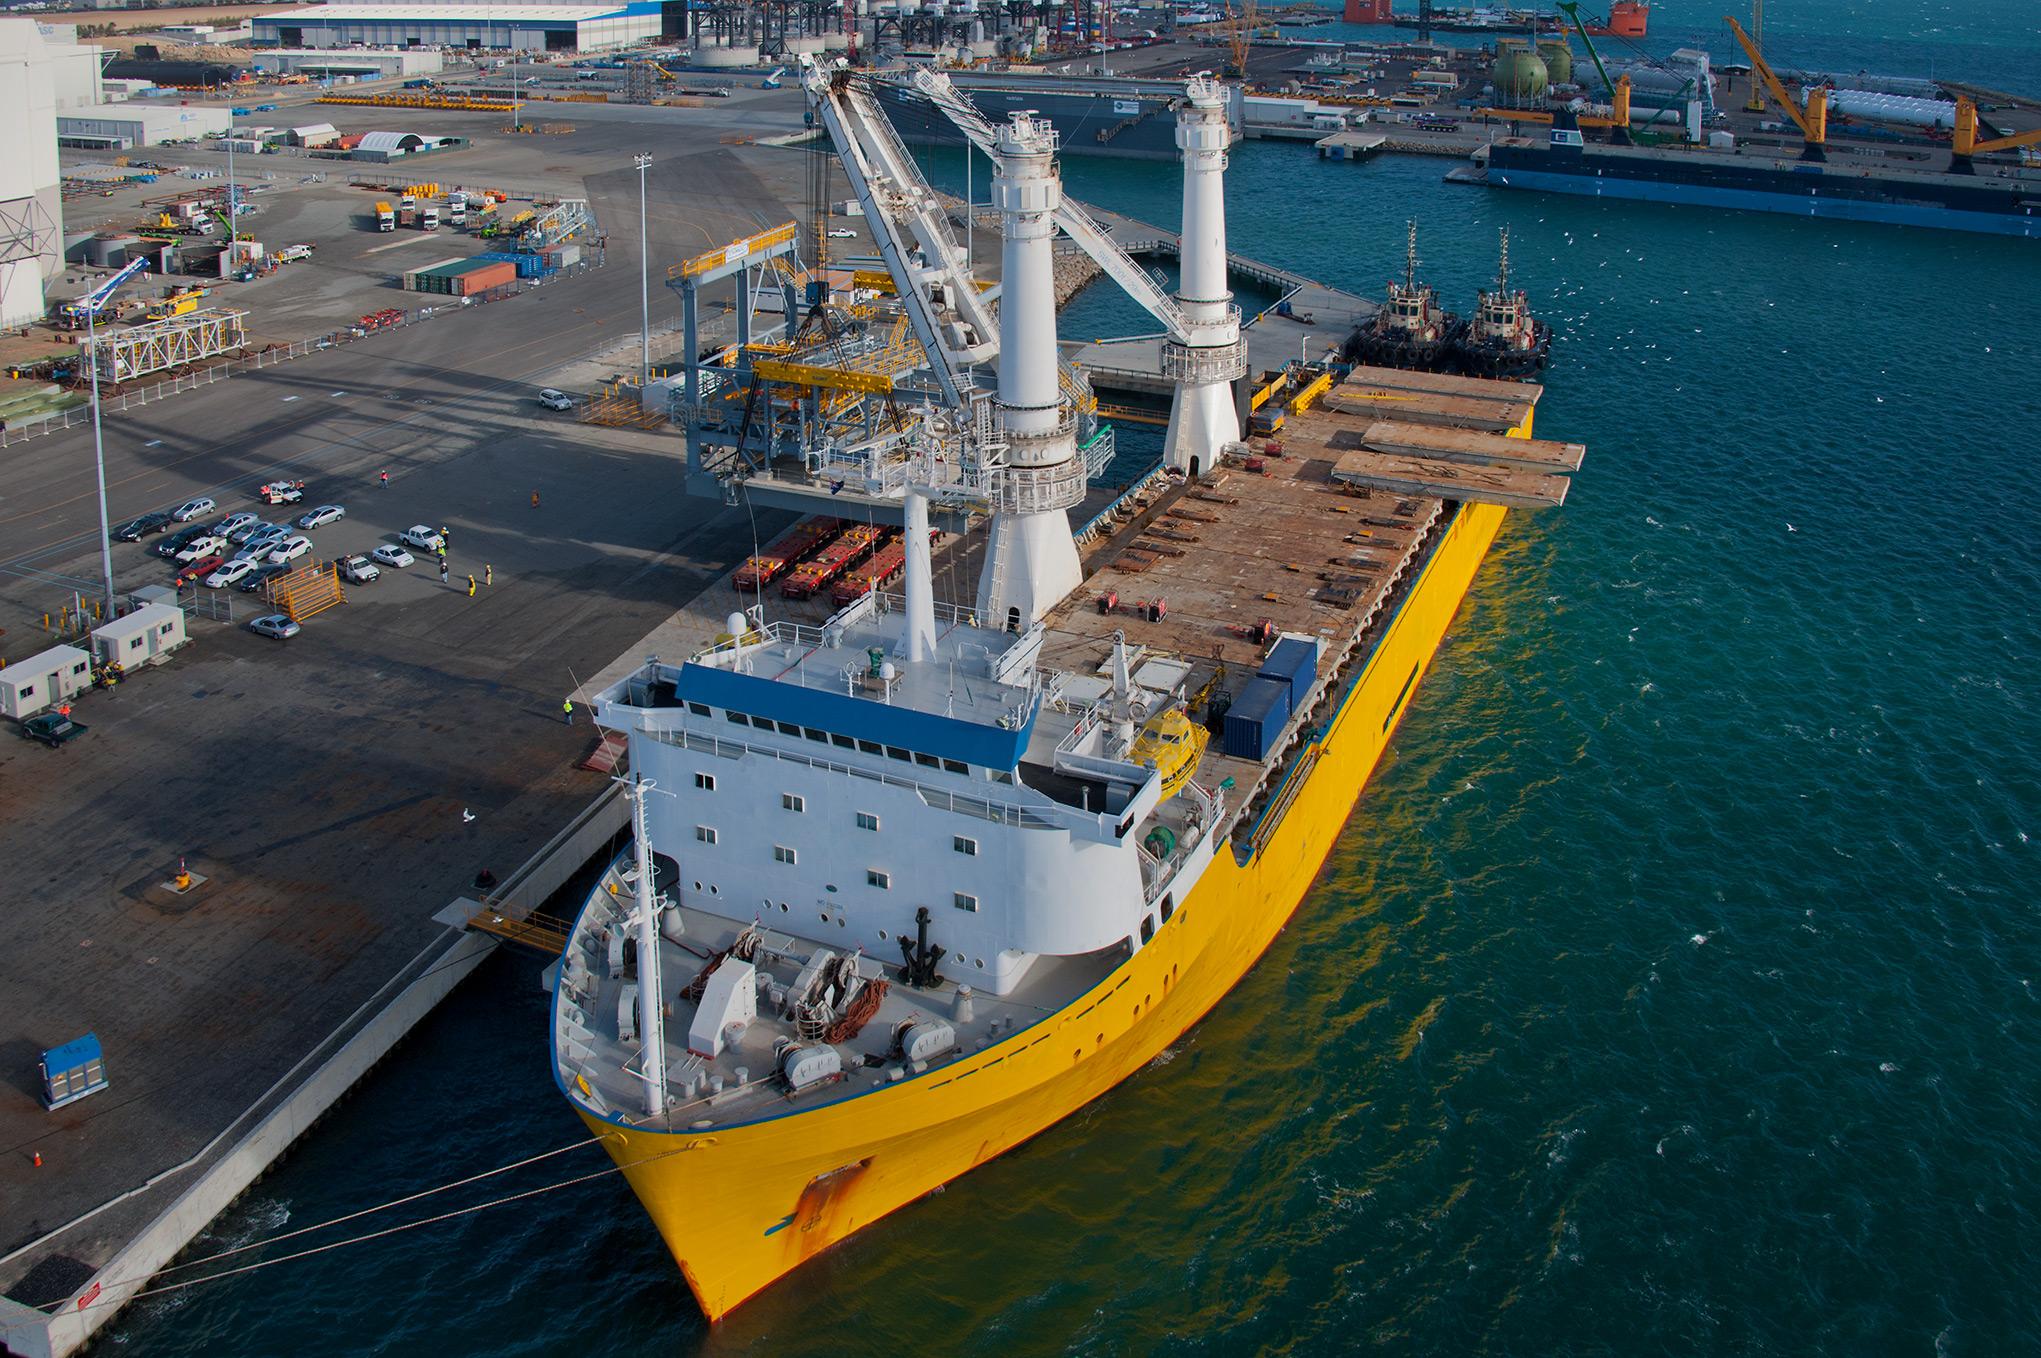 ALY_marine_heavy_lift_ship.jpg